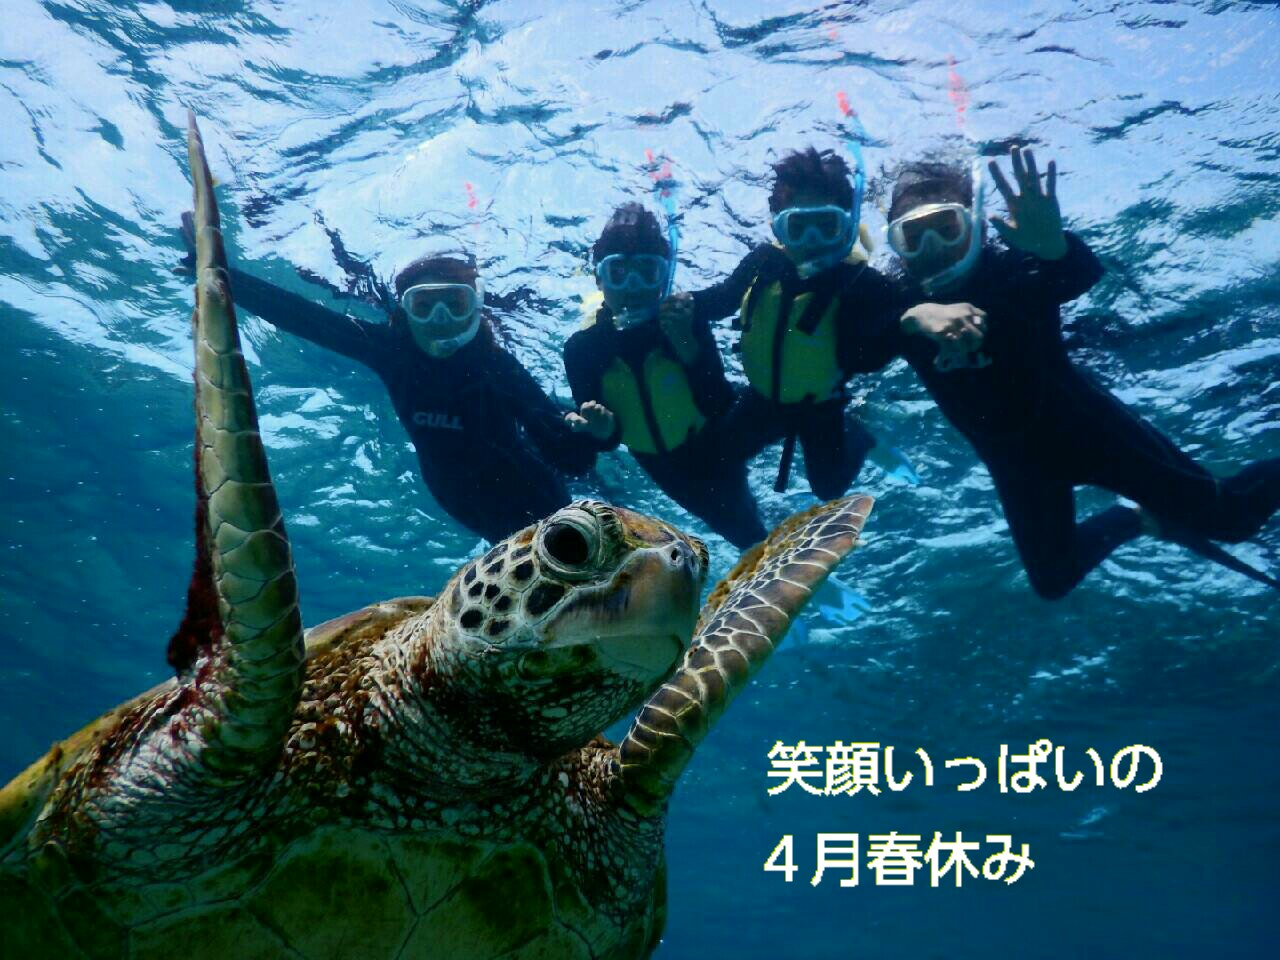 笑顔いっぱい春休みは宮古島でウミガメとシュノーケル